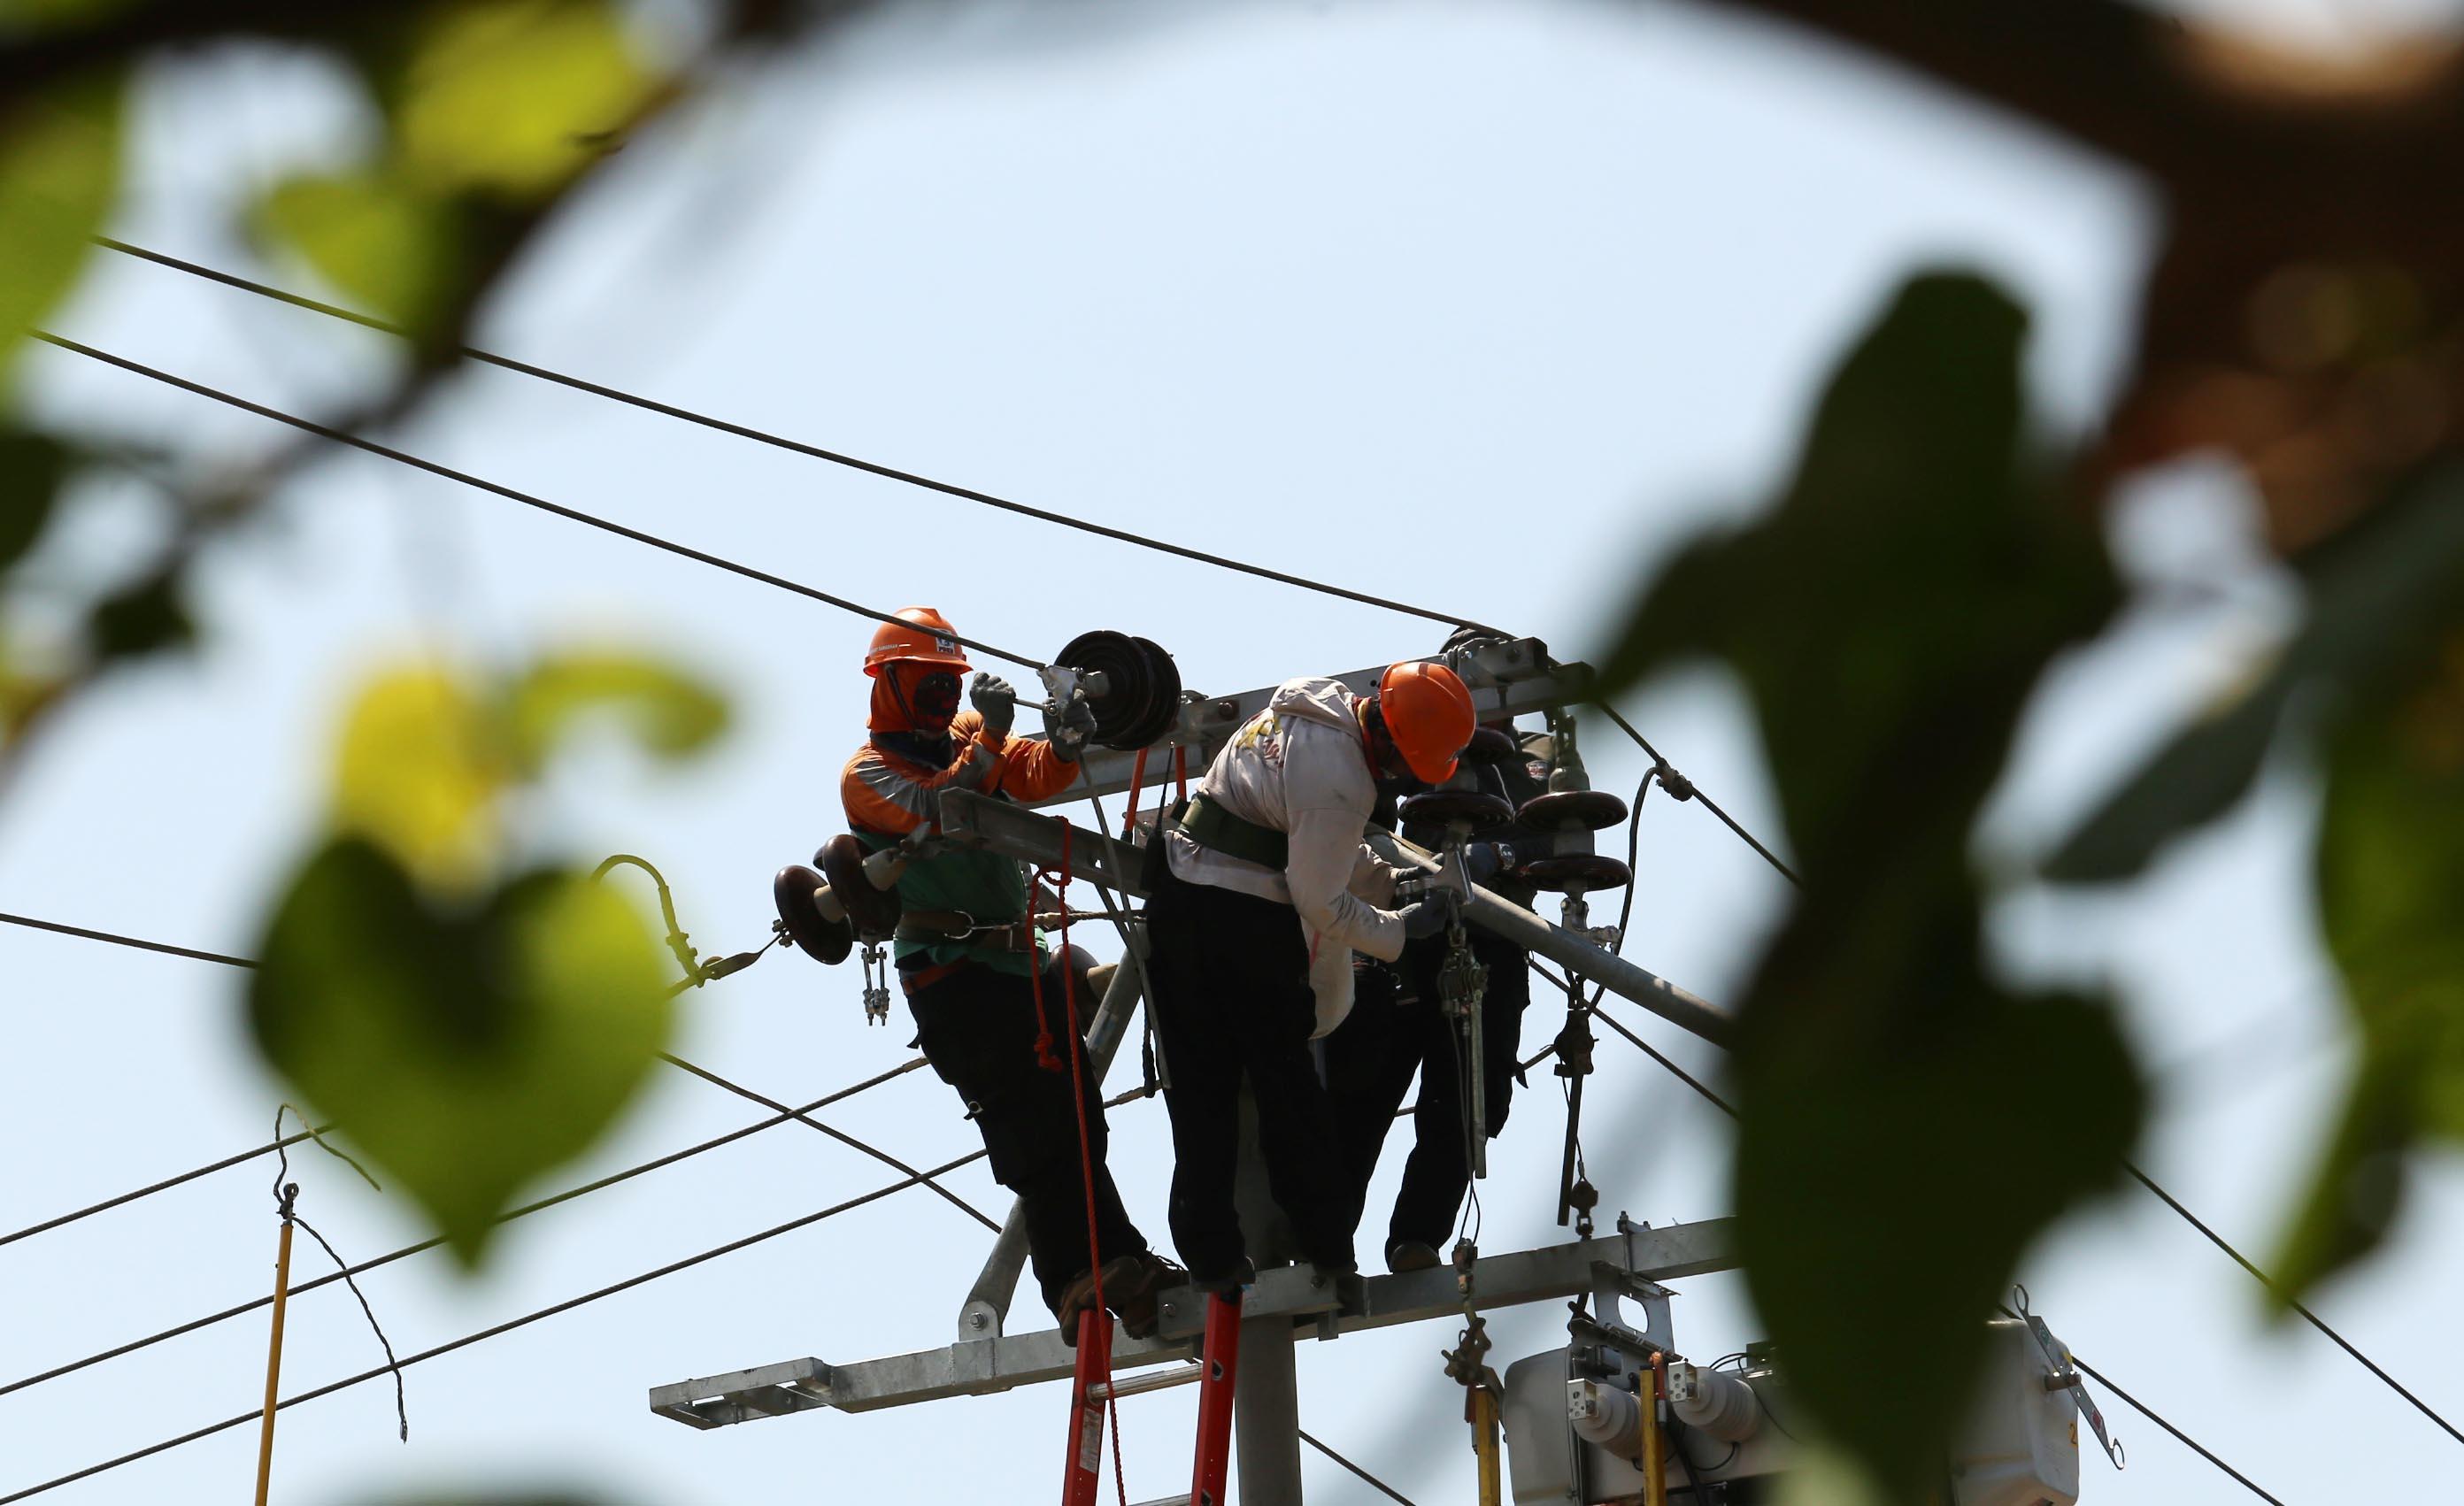 FLUKTUATIF : Petugas PLN Makassar melakukan penggantian suku cadang jaringan listrik yang rusak di Jalan Kakatua, Makassar, Sulsel, 20 November lalu. (Muhammad I Ama/Fajar/JPNN)